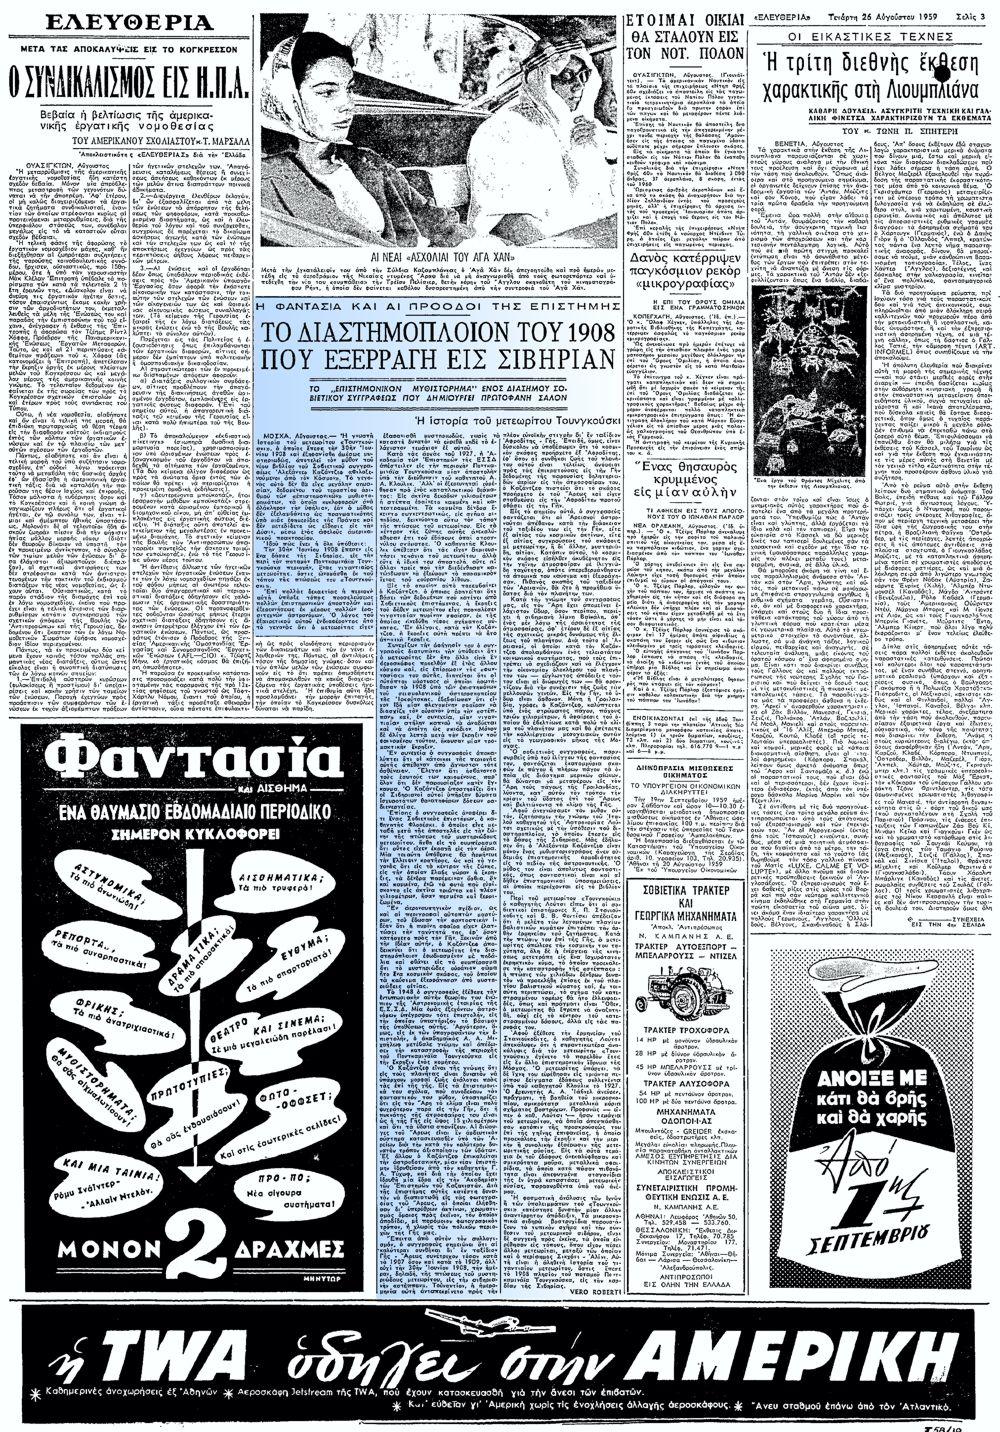 """Το άρθρο, όπως δημοσιεύθηκε στην εφημερίδα """"ΕΛΕΥΘΕΡΙΑ"""", στις 26/08/1959"""